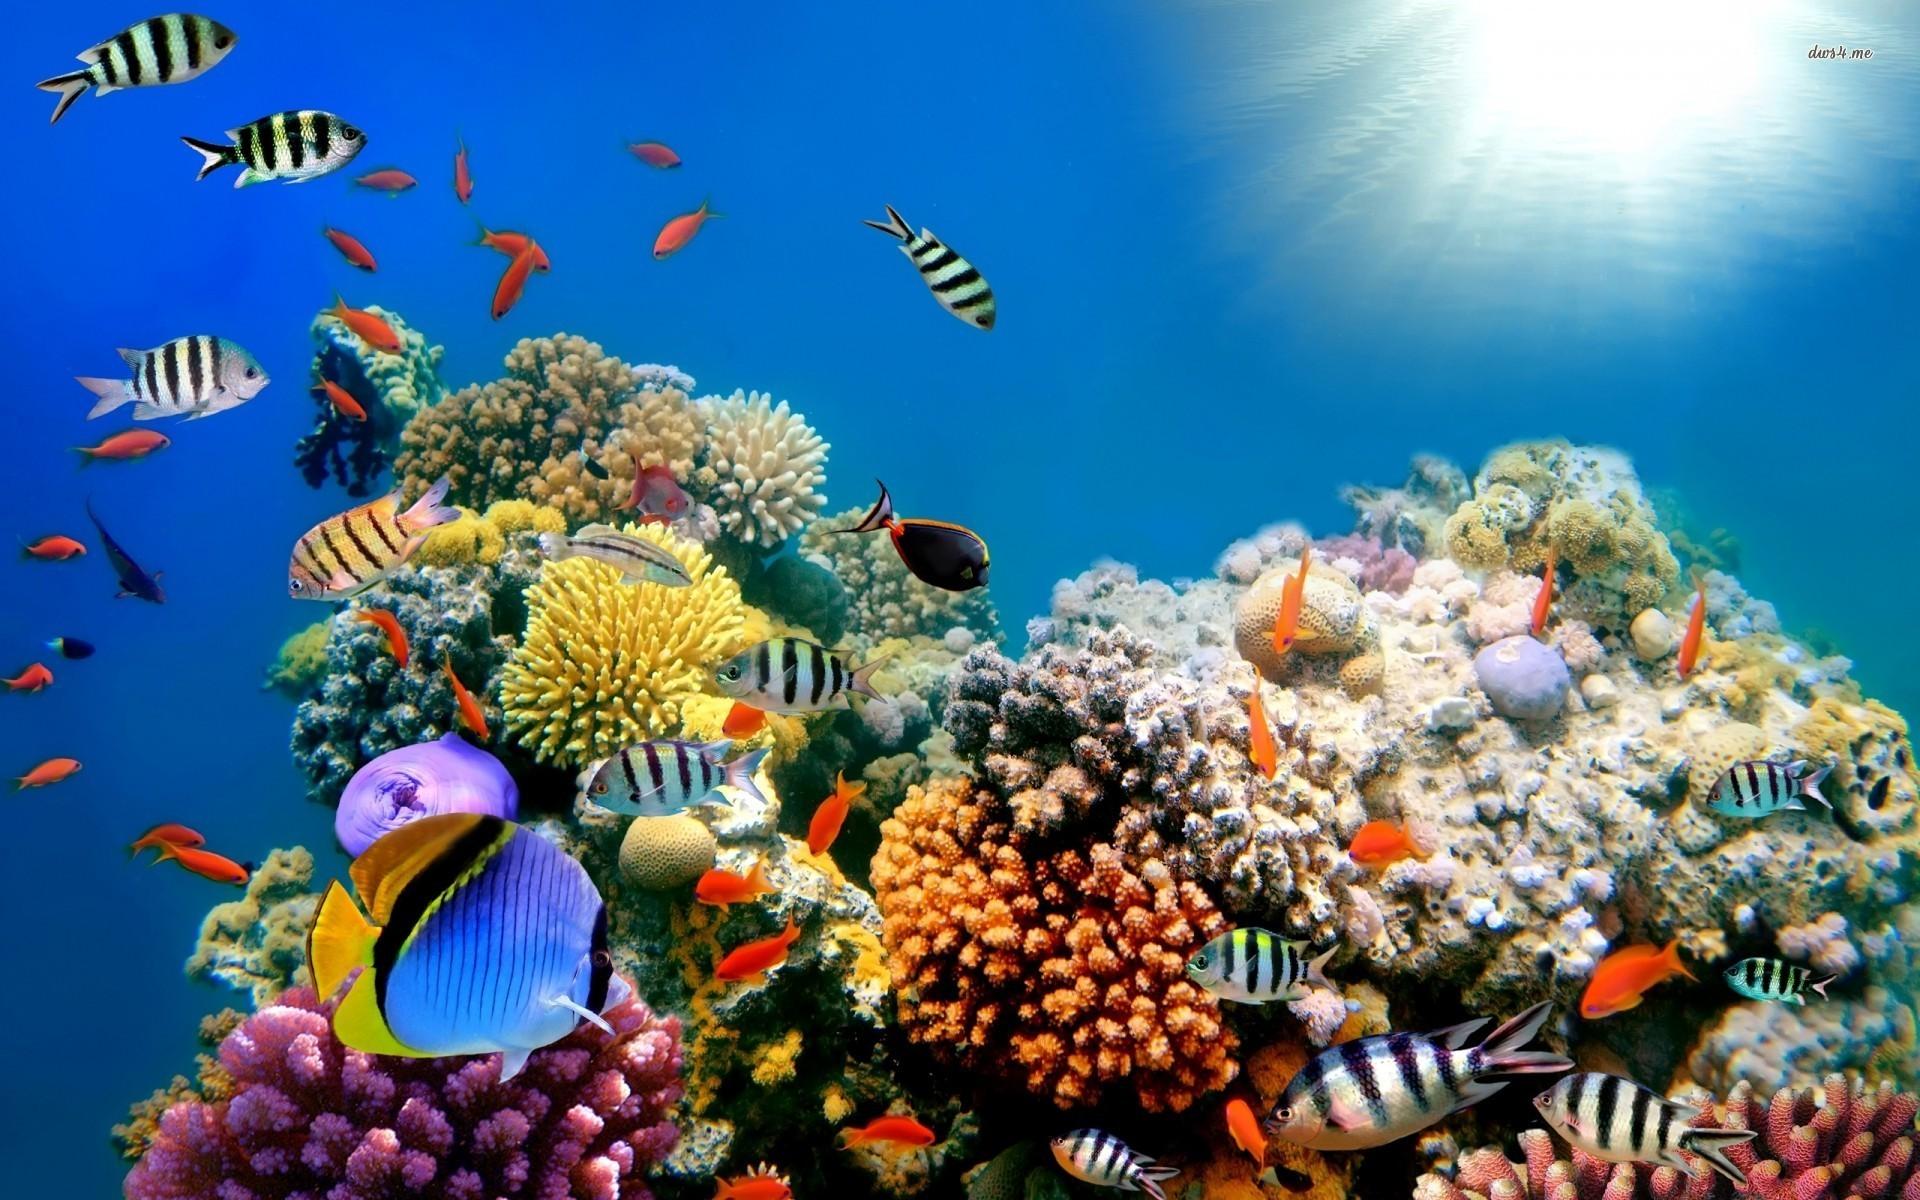 Coral reef screensavers & wallpaper